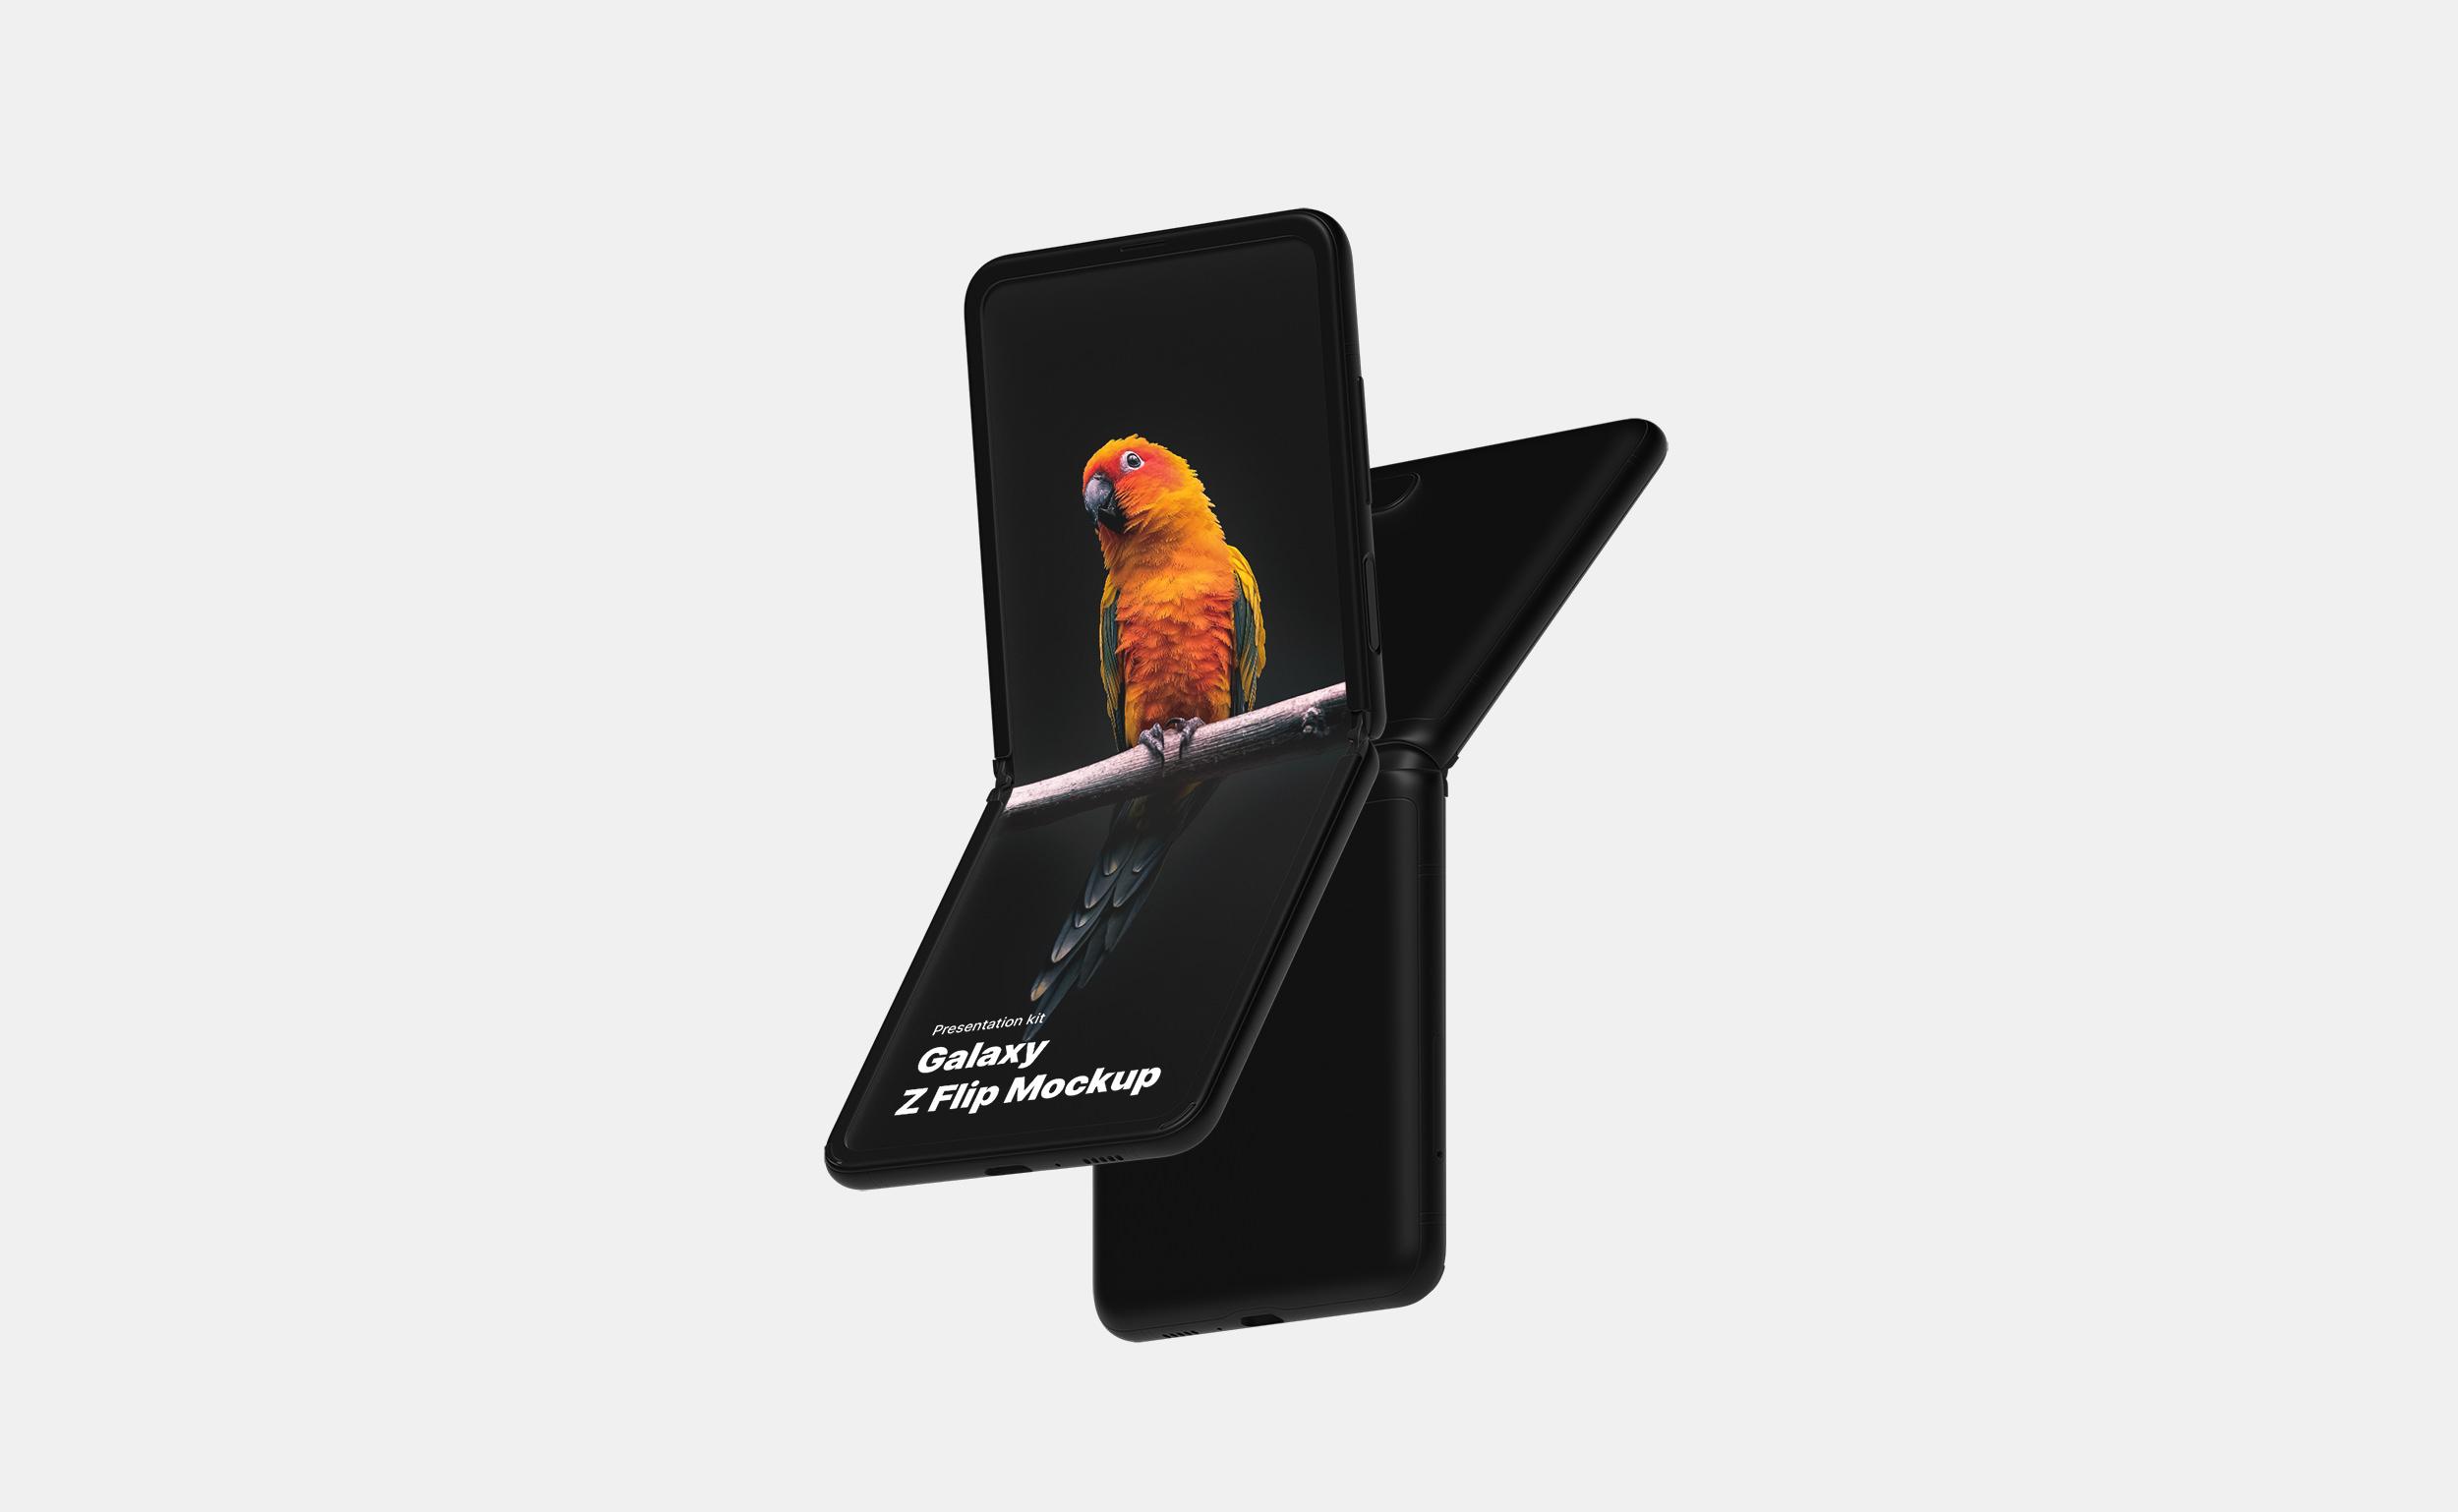 Samsung Galaxy Z Flip Mockups